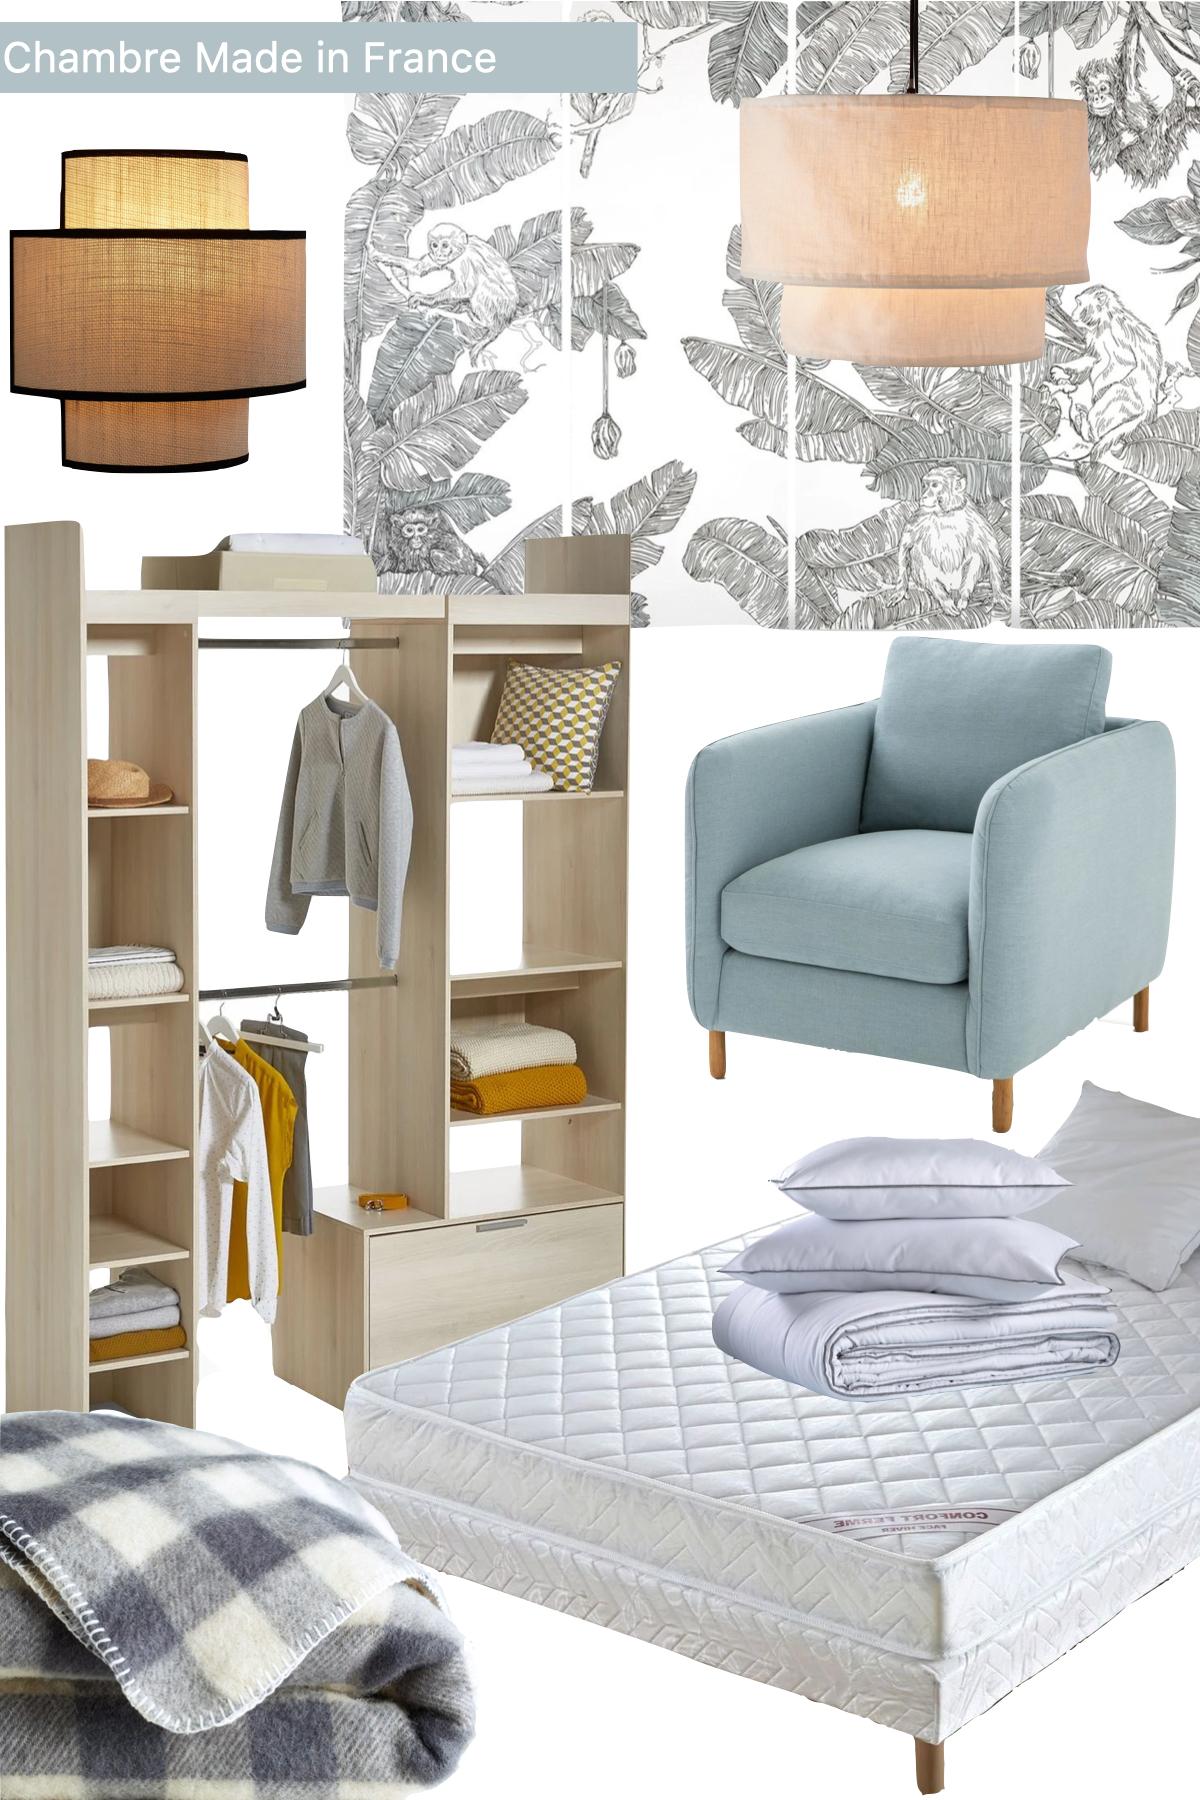 meuble chambre fabriqué en France lit couette lampe design